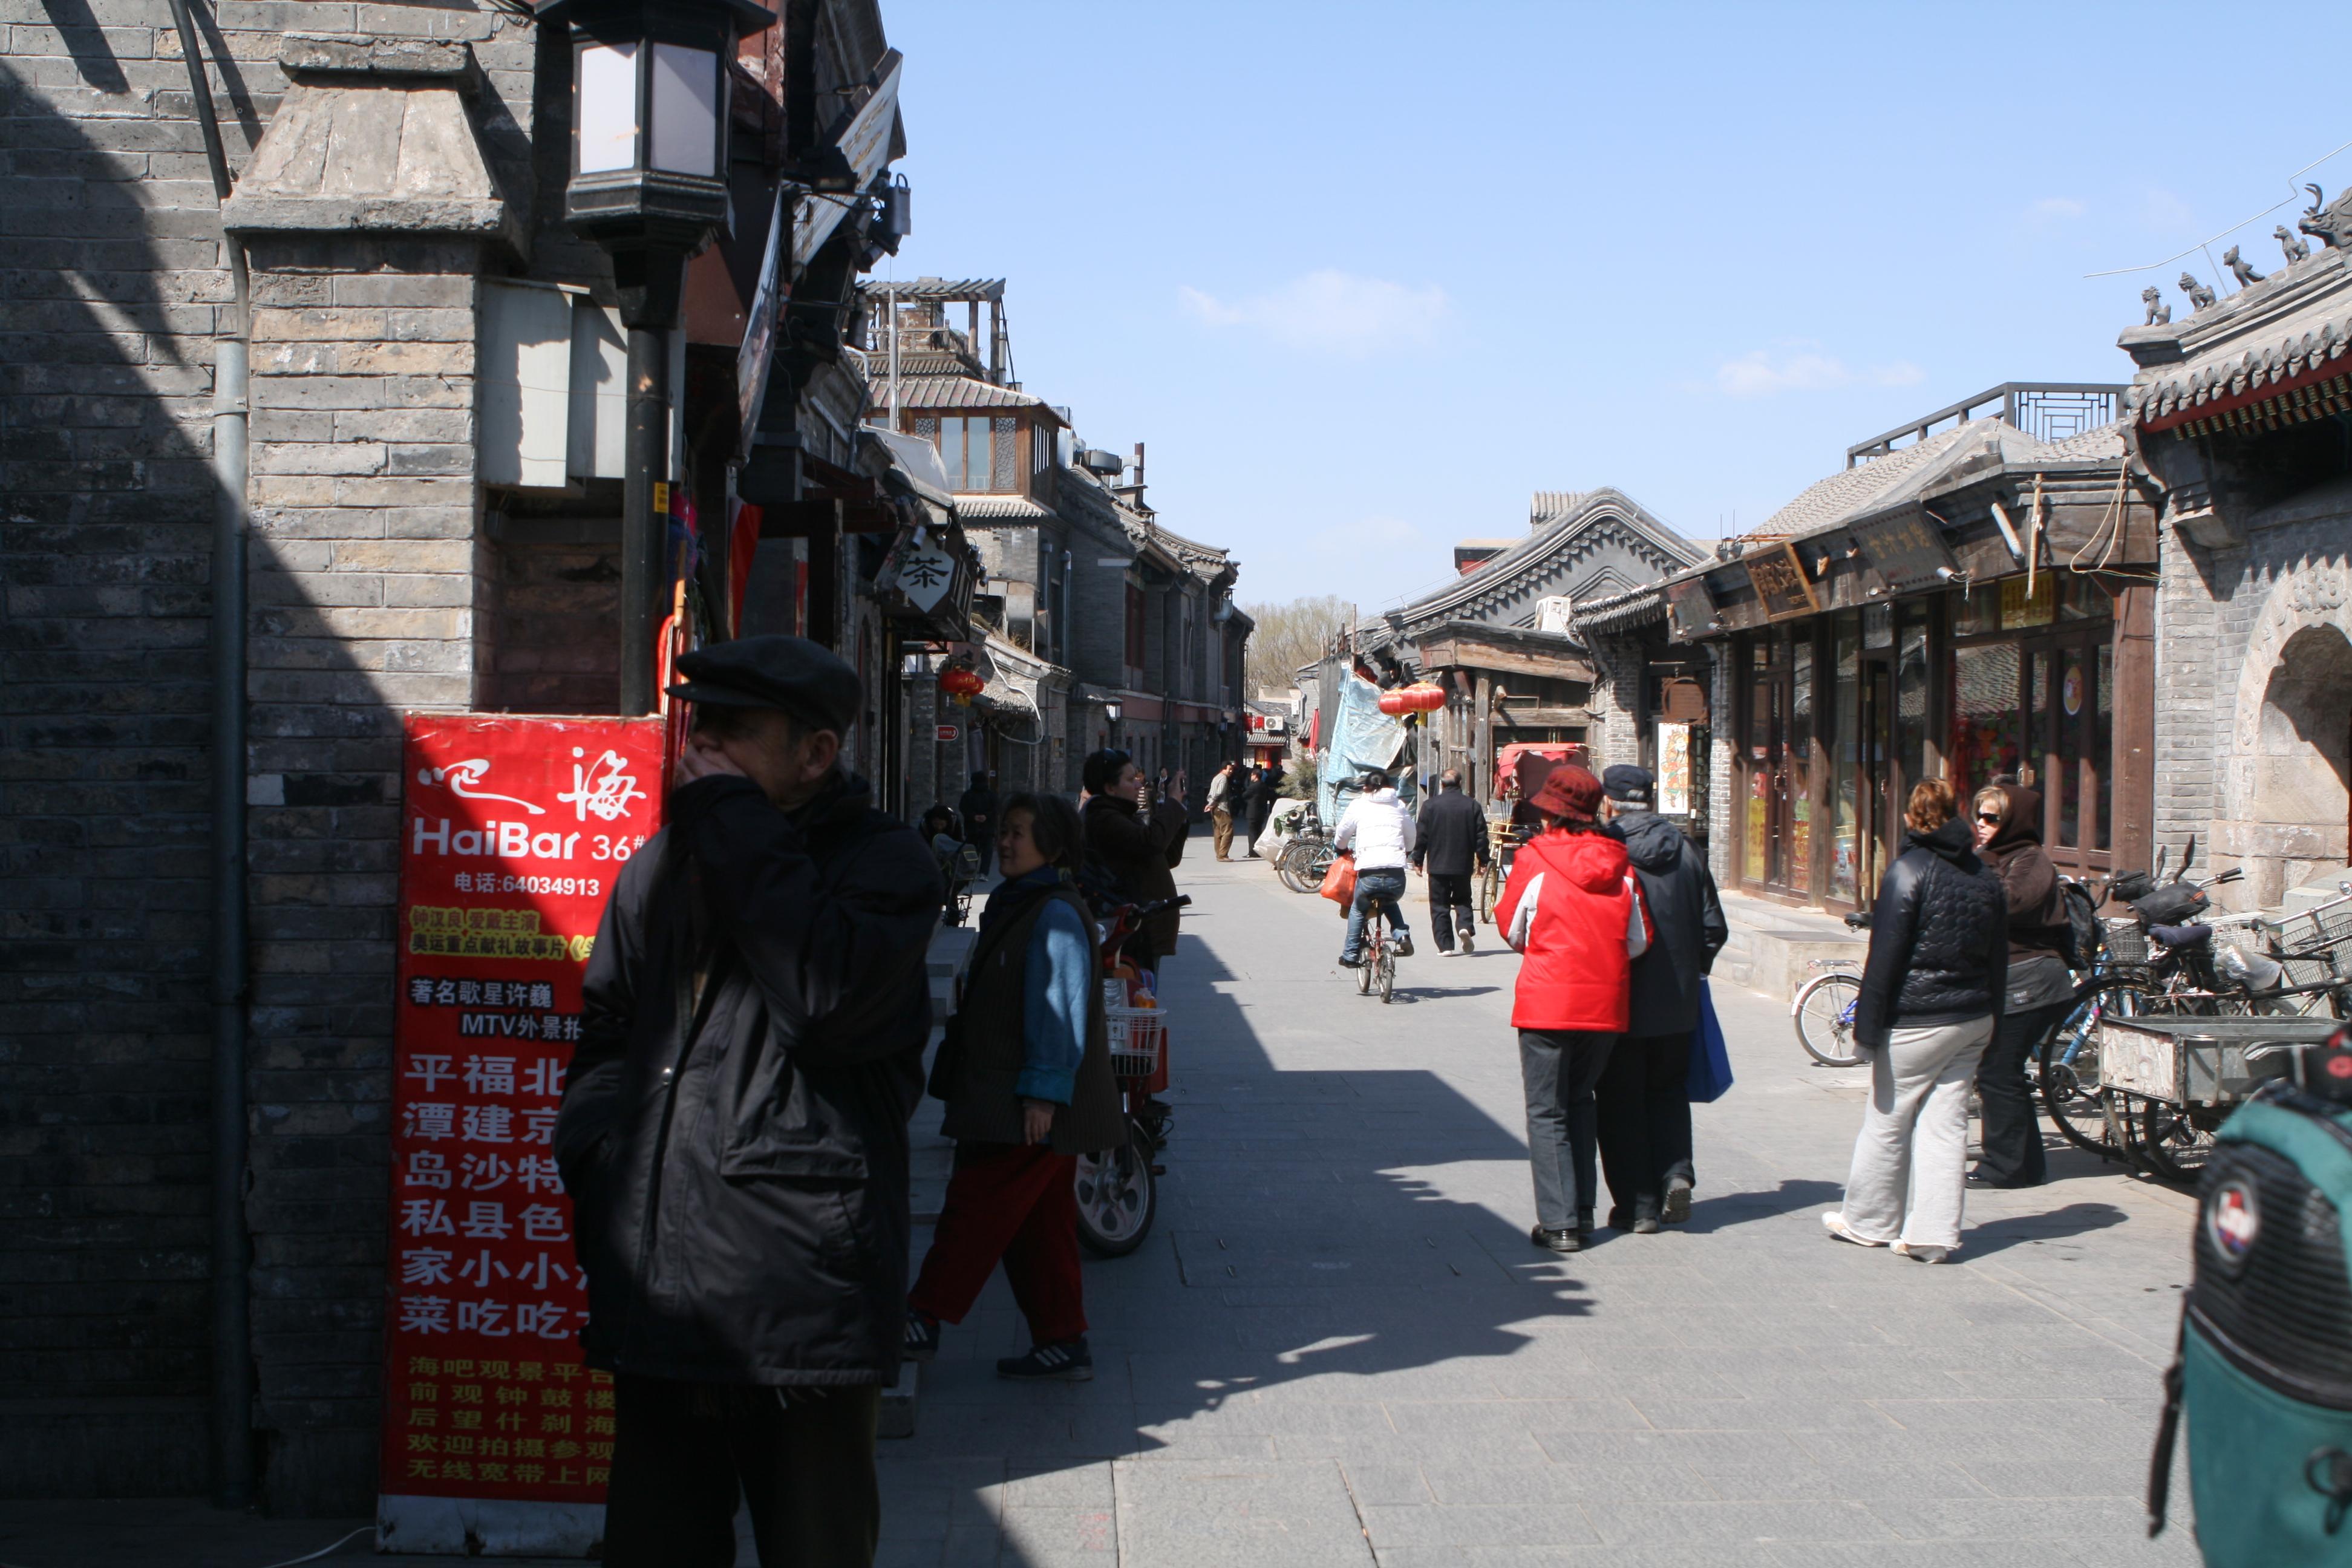 Beijing_hutong_area_3